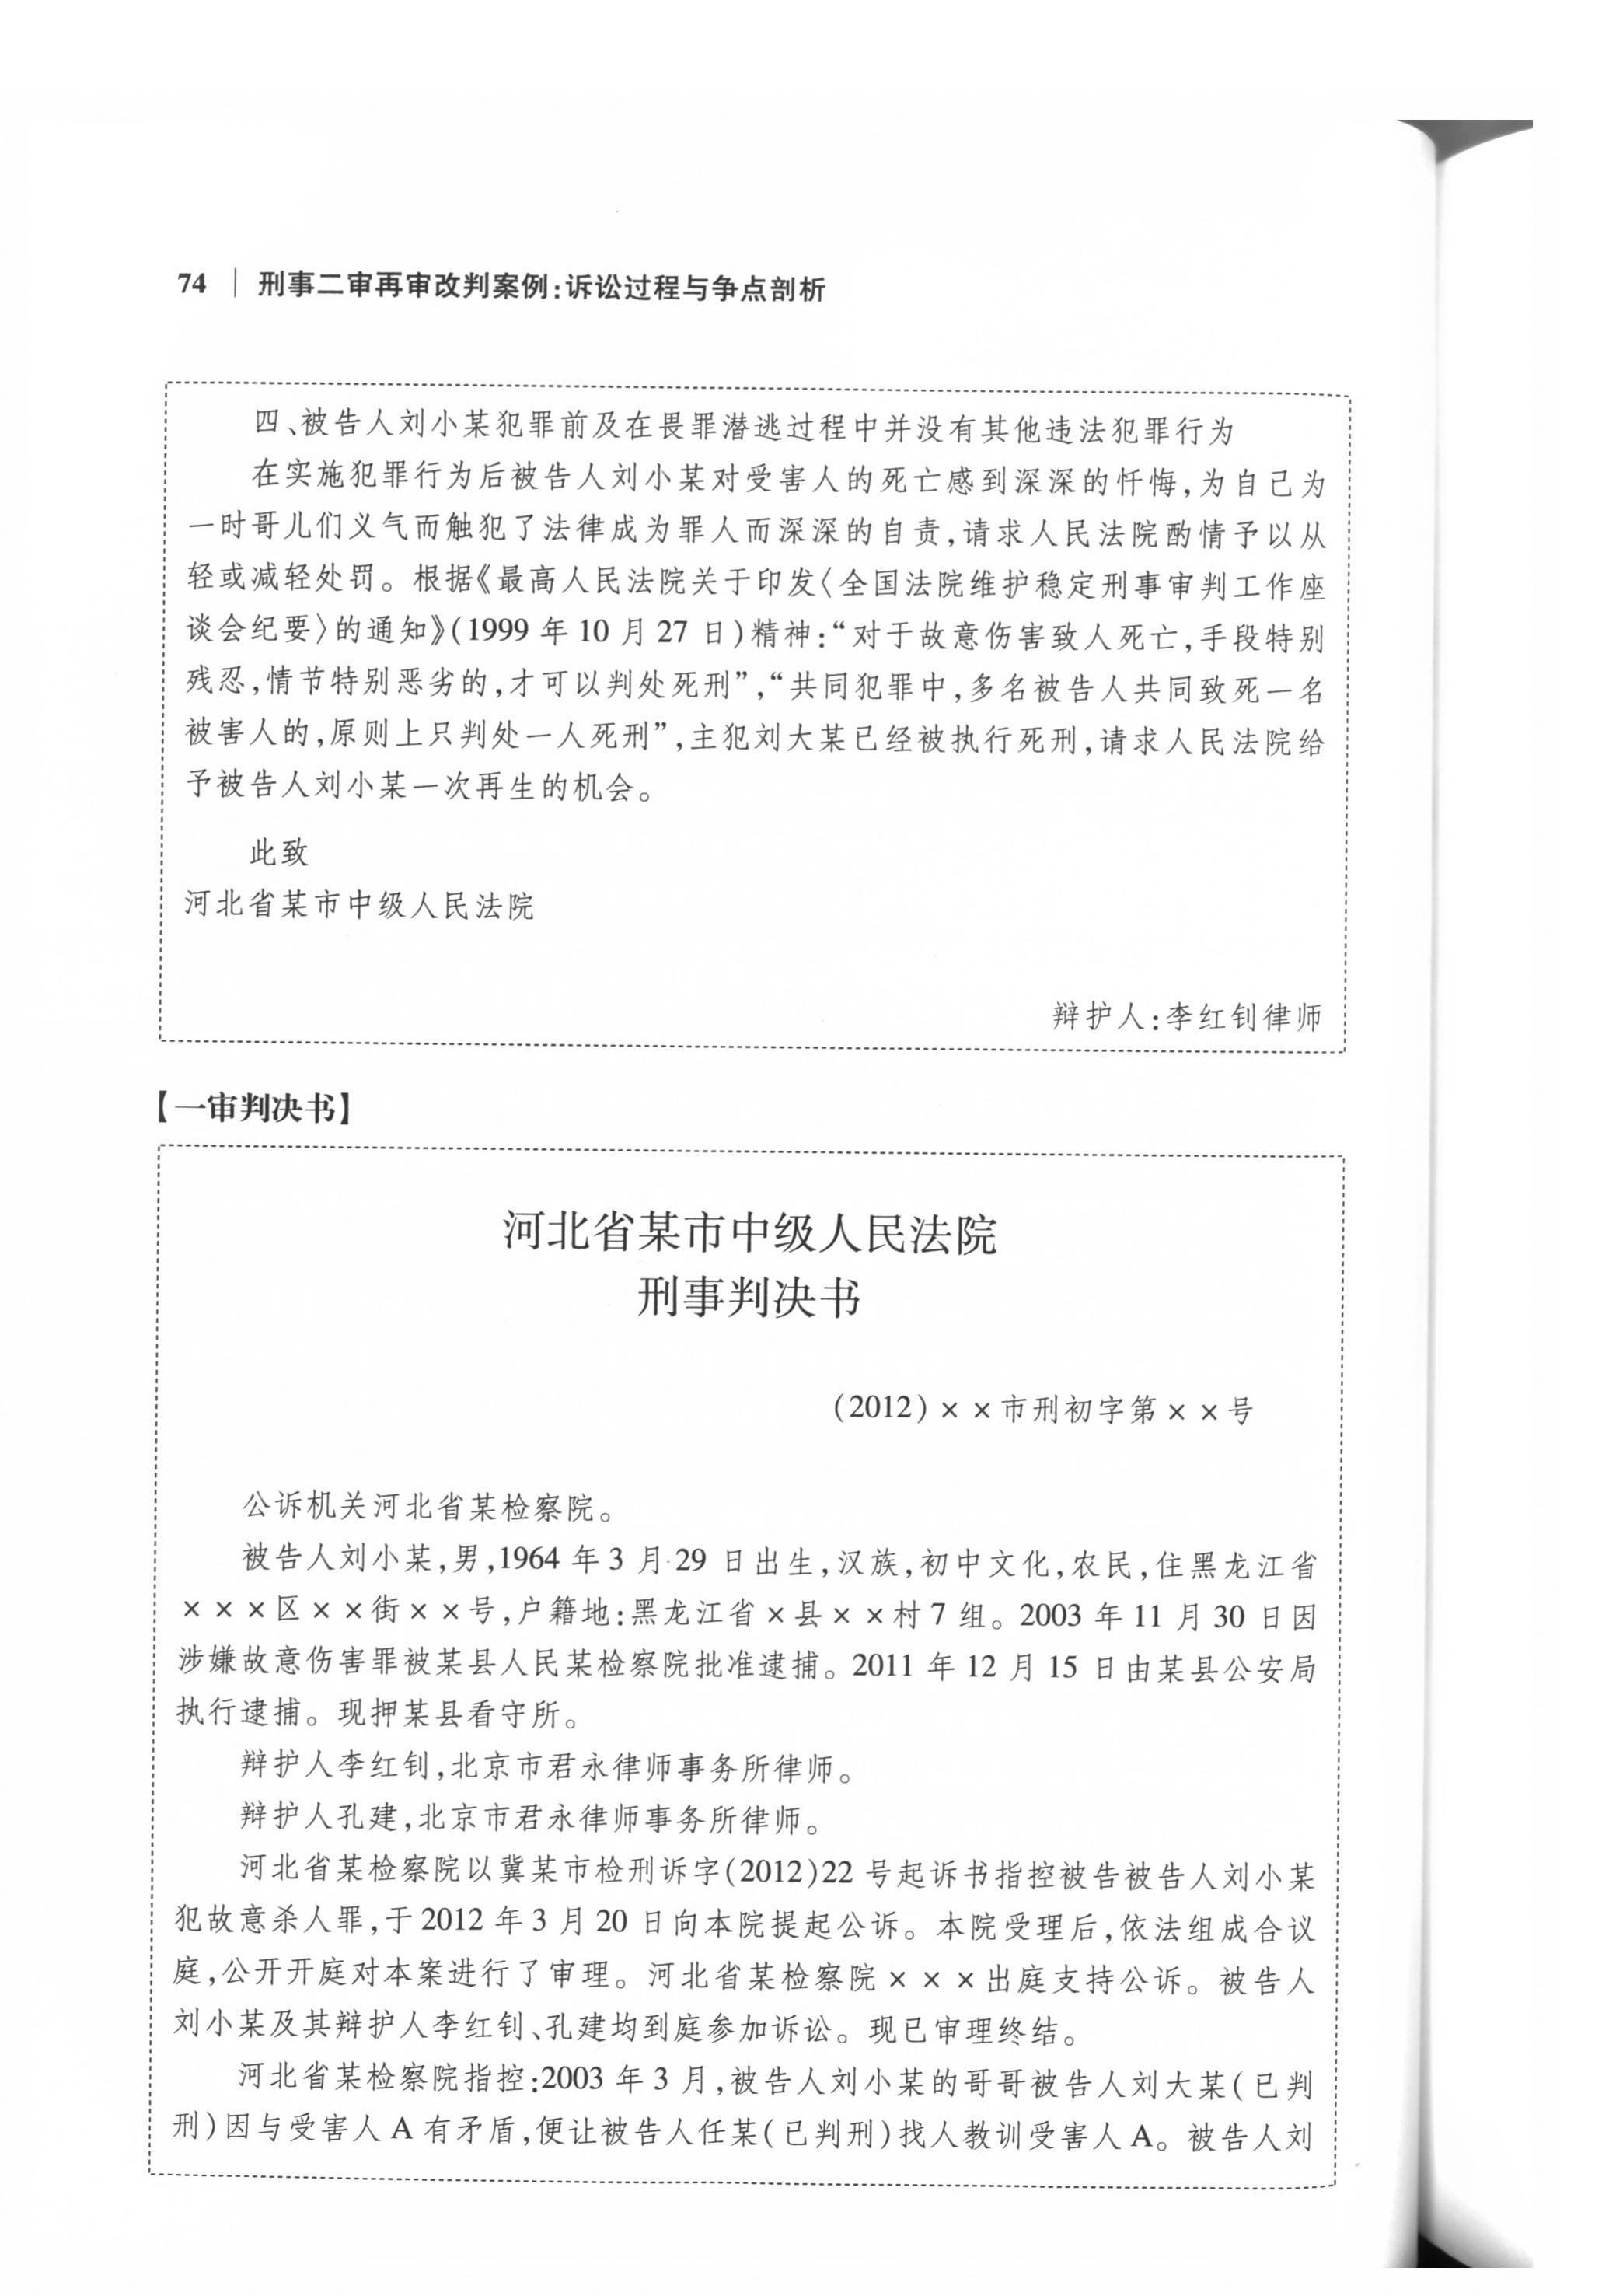 刘小某故意杀人案成功改判(图7)